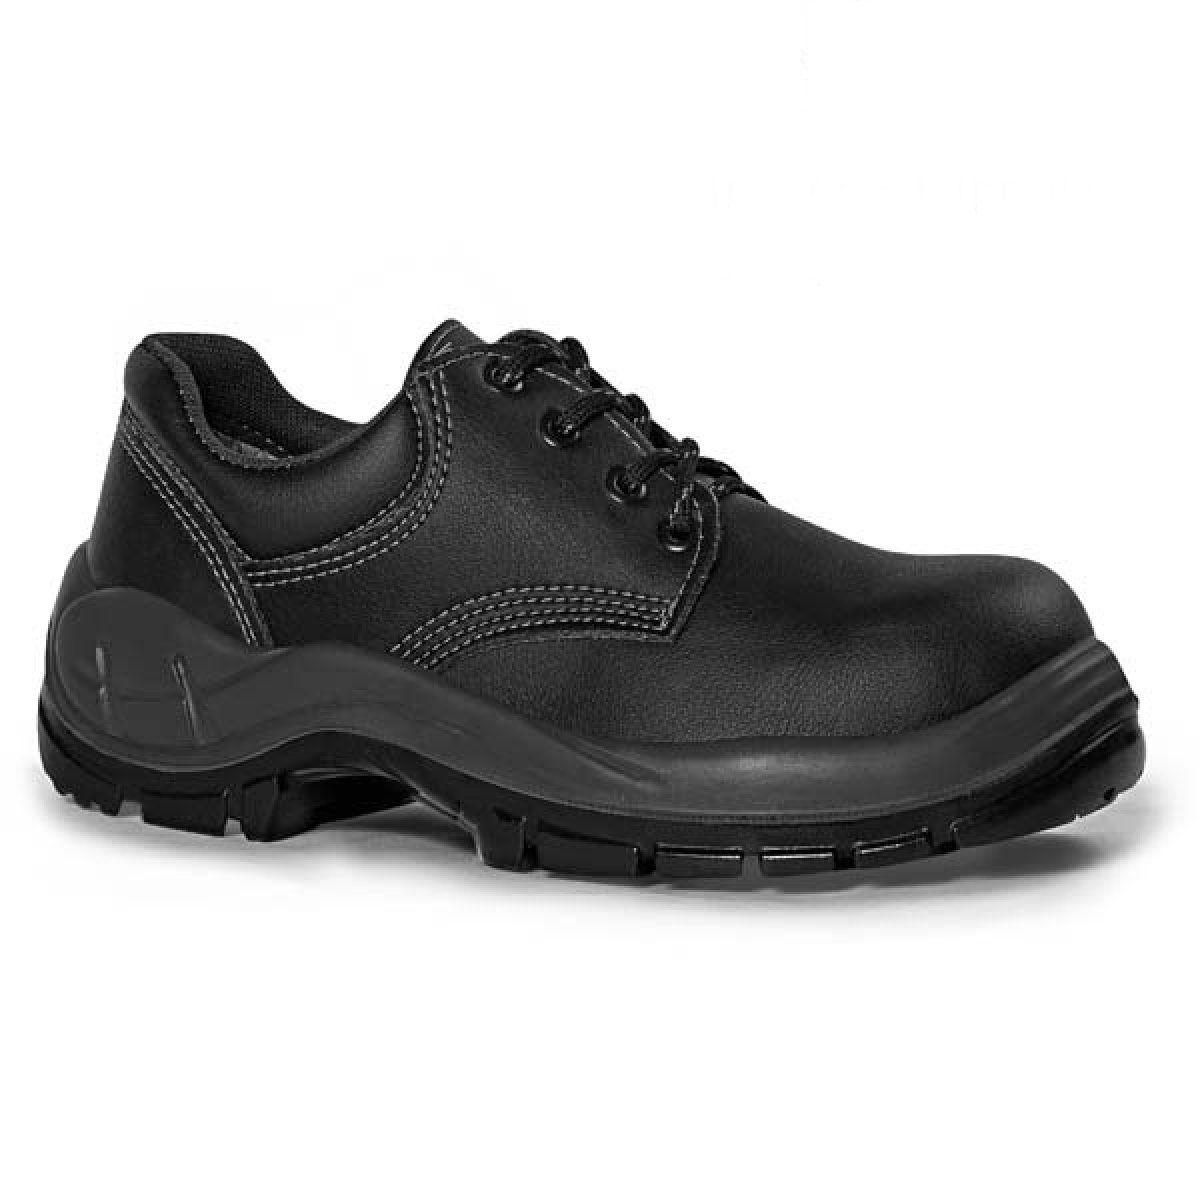 Sapato c/ Cadarço Bidensidade s/ Bico de Aço Preto N°37 - BRACOL